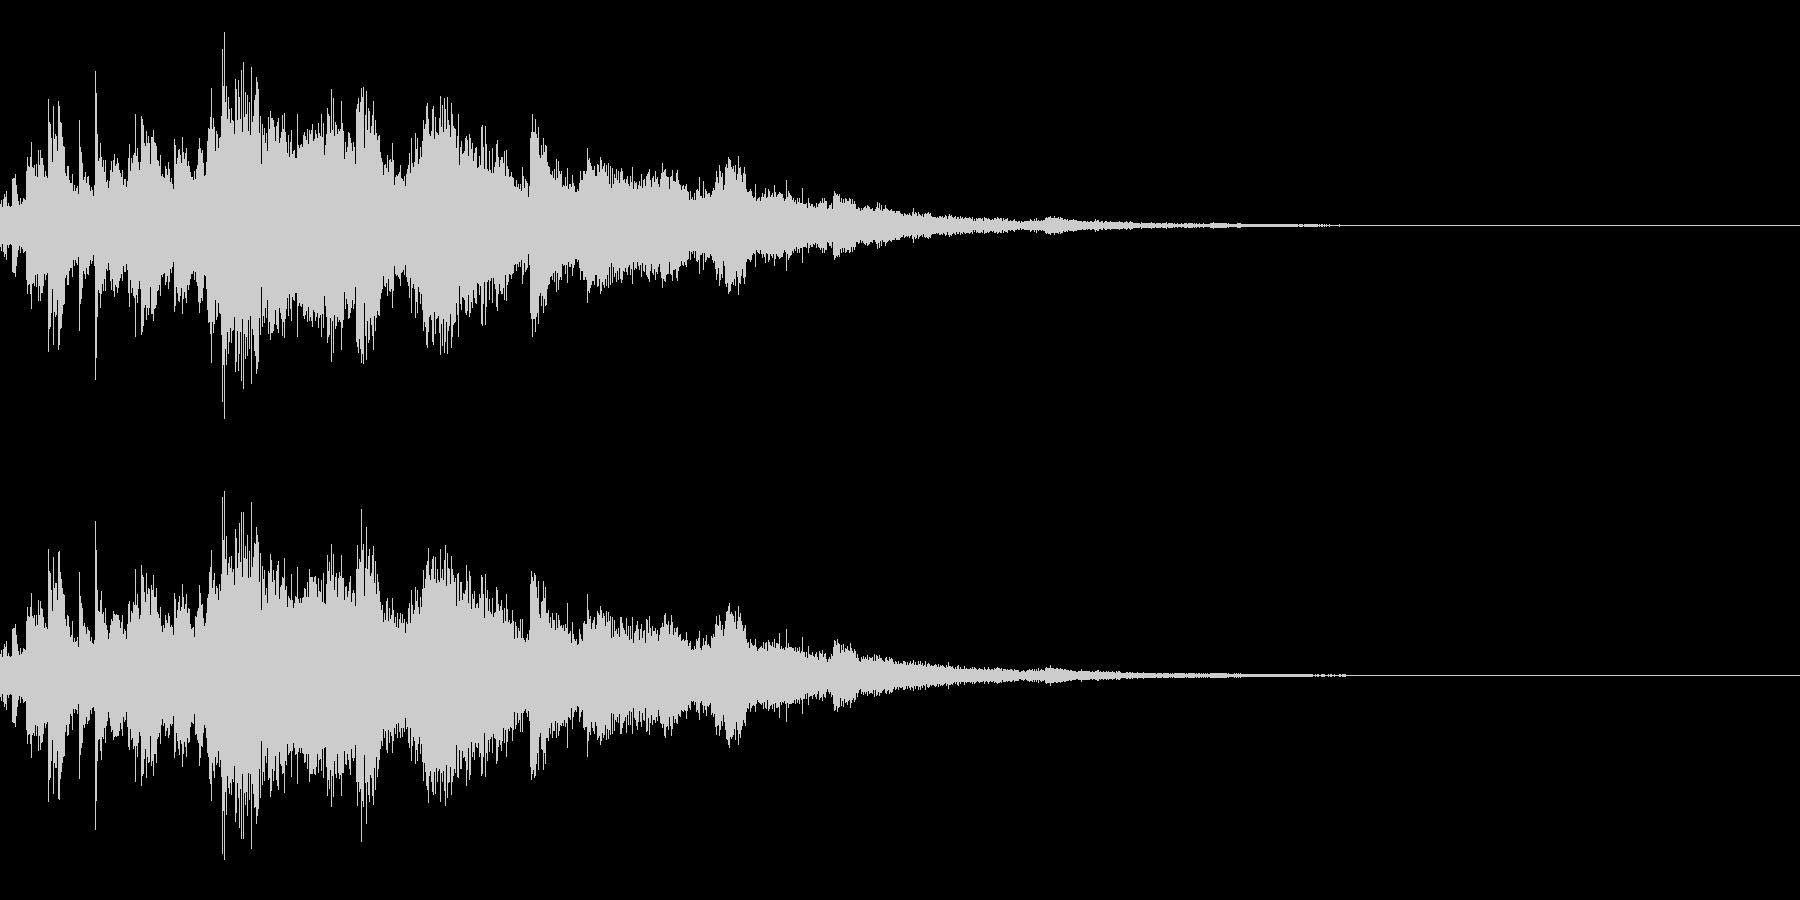 ウインドチャイム効果音の未再生の波形